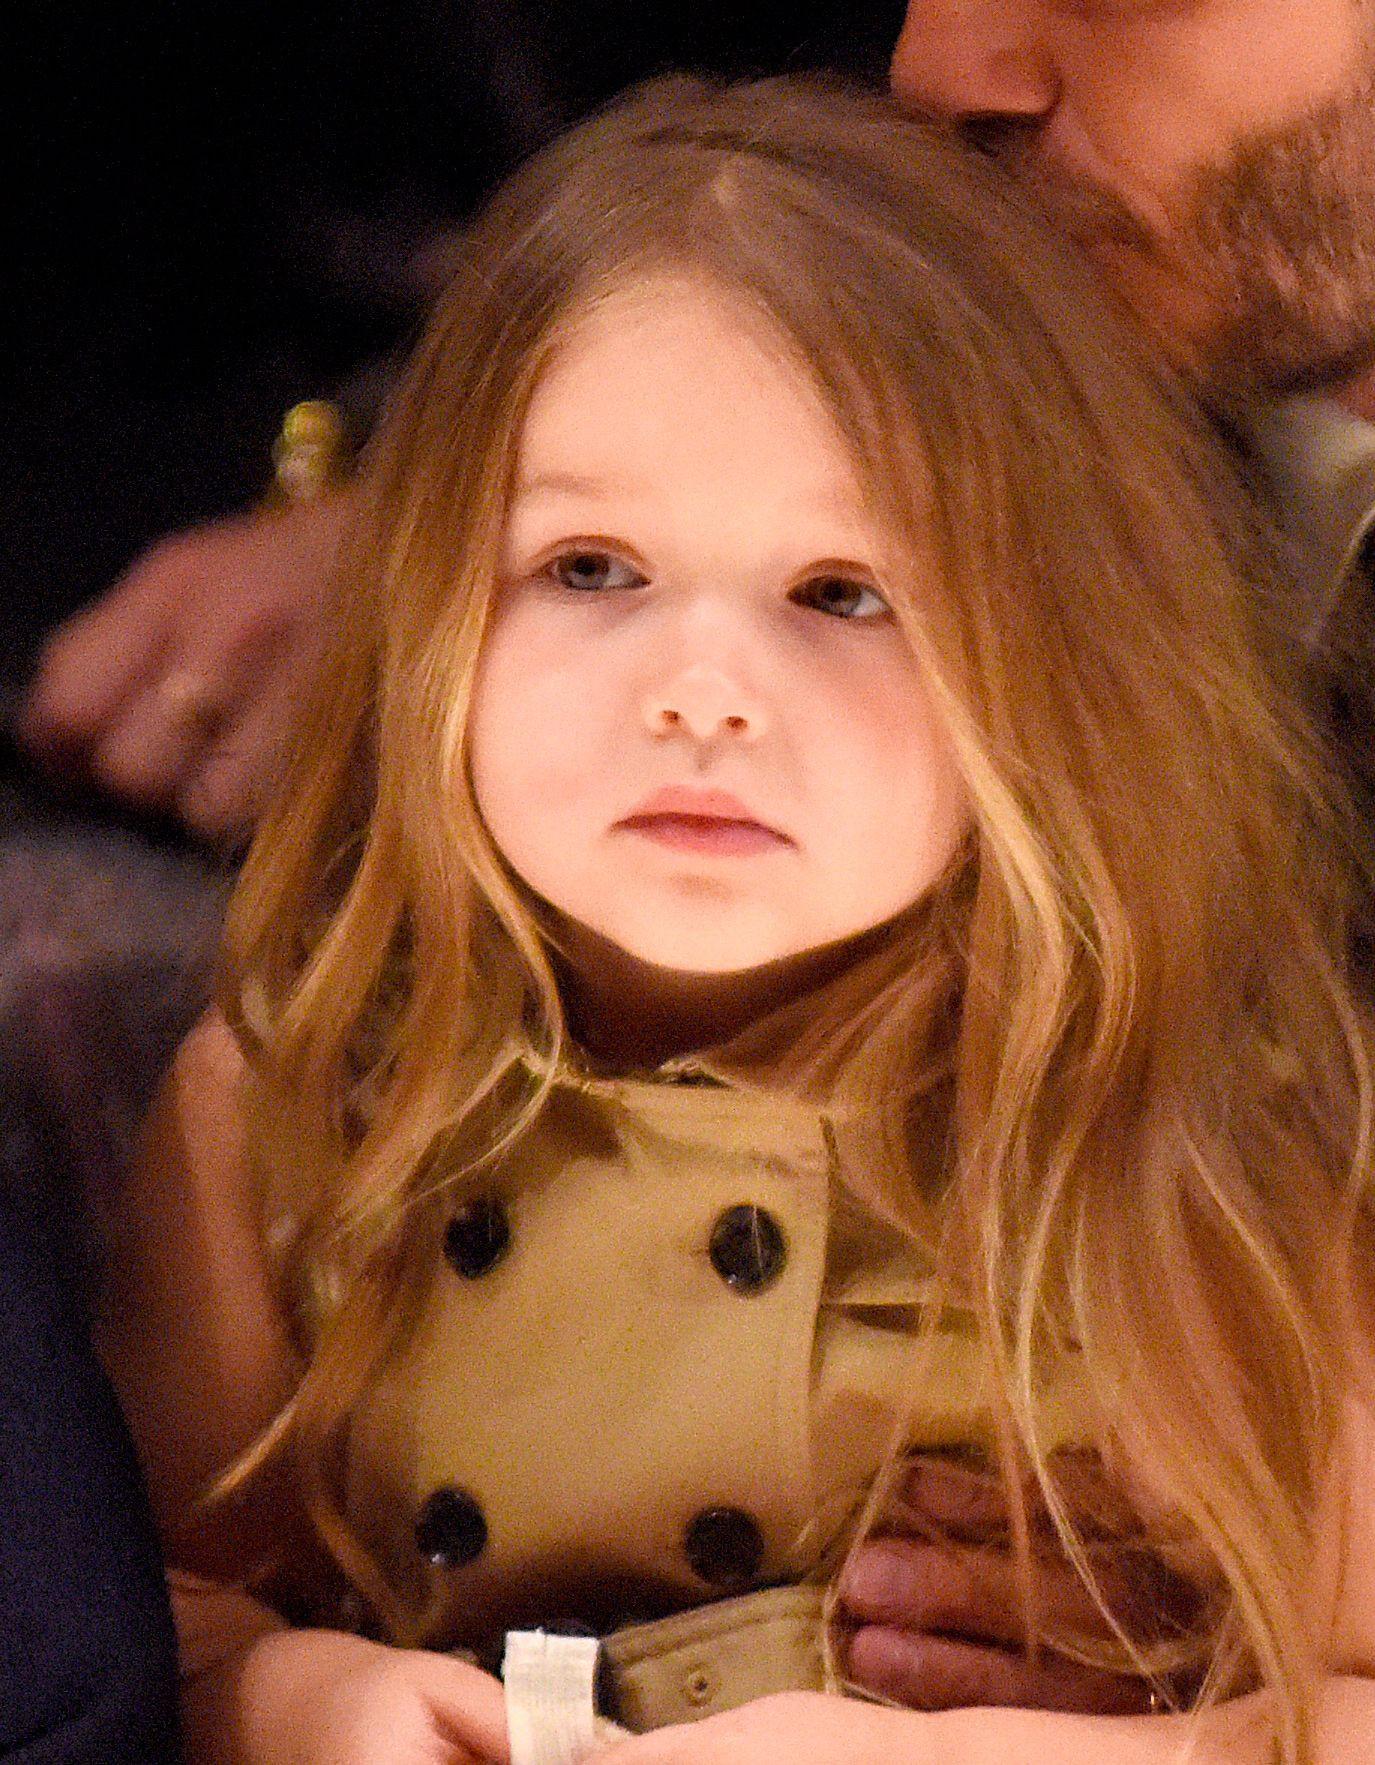 Những cô công chúa nổi tiếng nhà sao Hollywood ngày ấy nay đã lớn: Suri Cruise, Harper Beckham lột xác ngoạn mục - Ảnh 17.